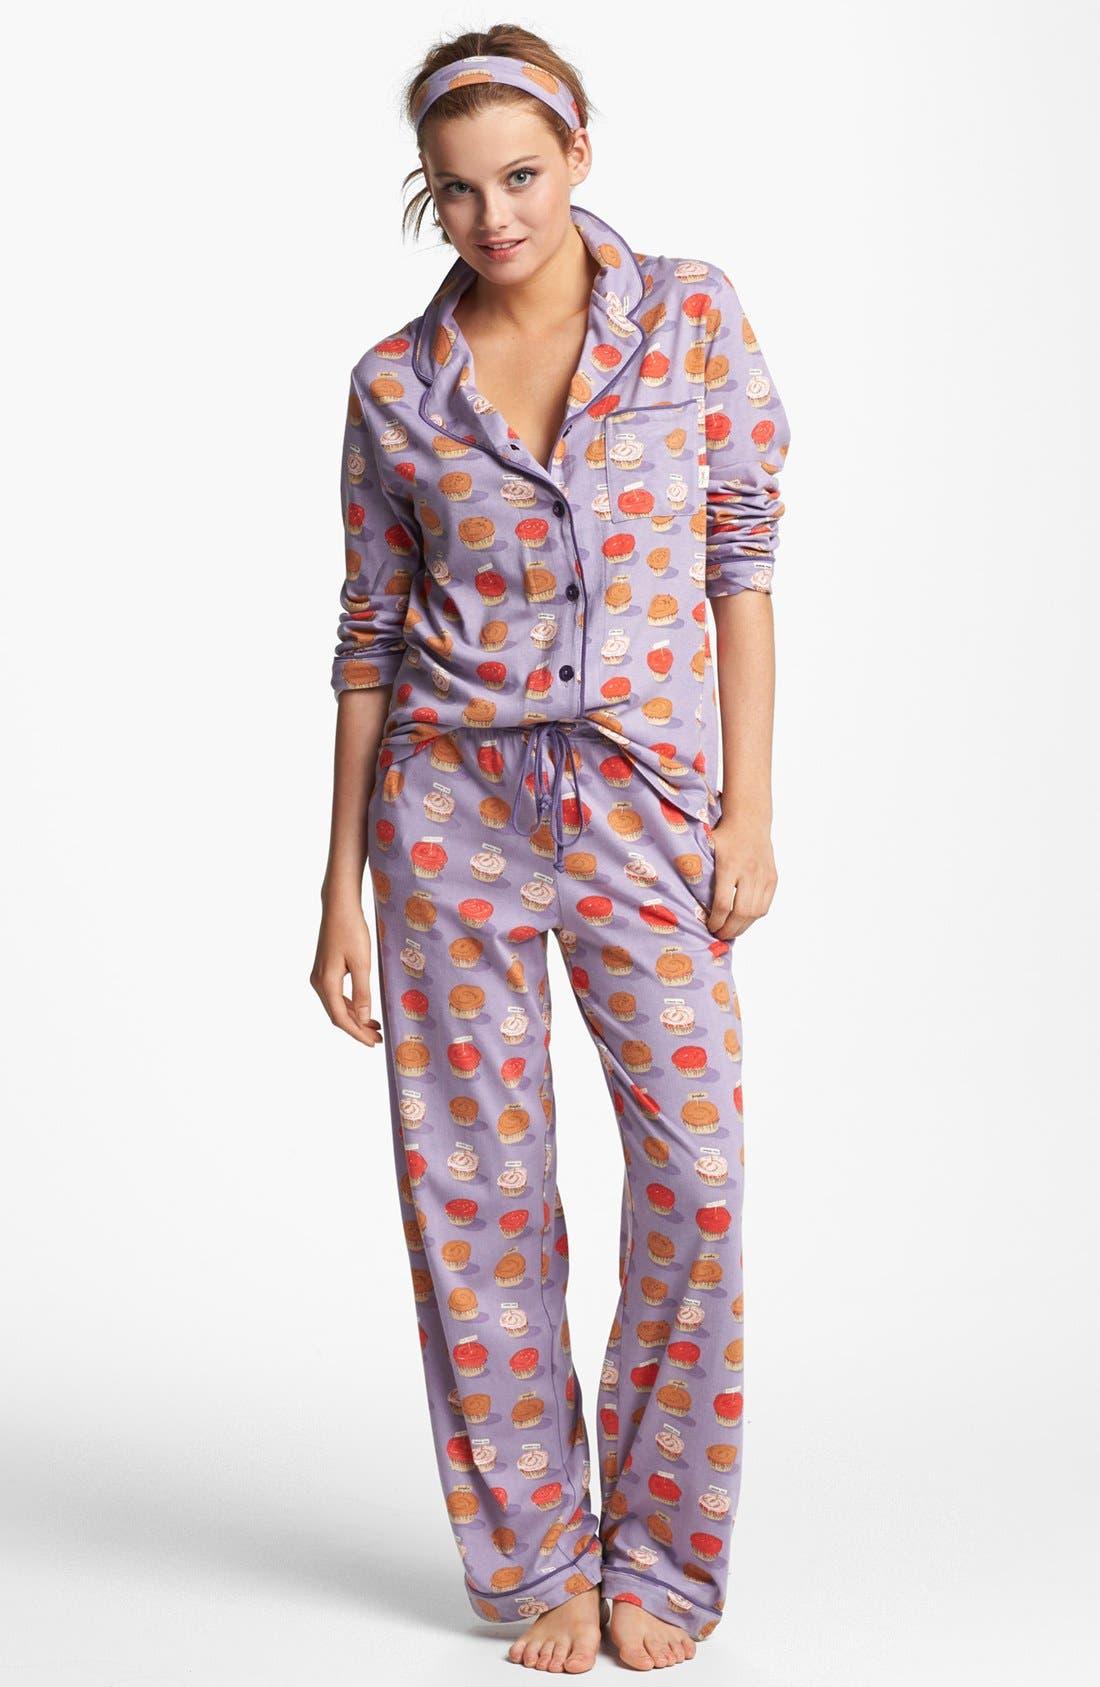 Main Image - Munki Munki Print Pajamas